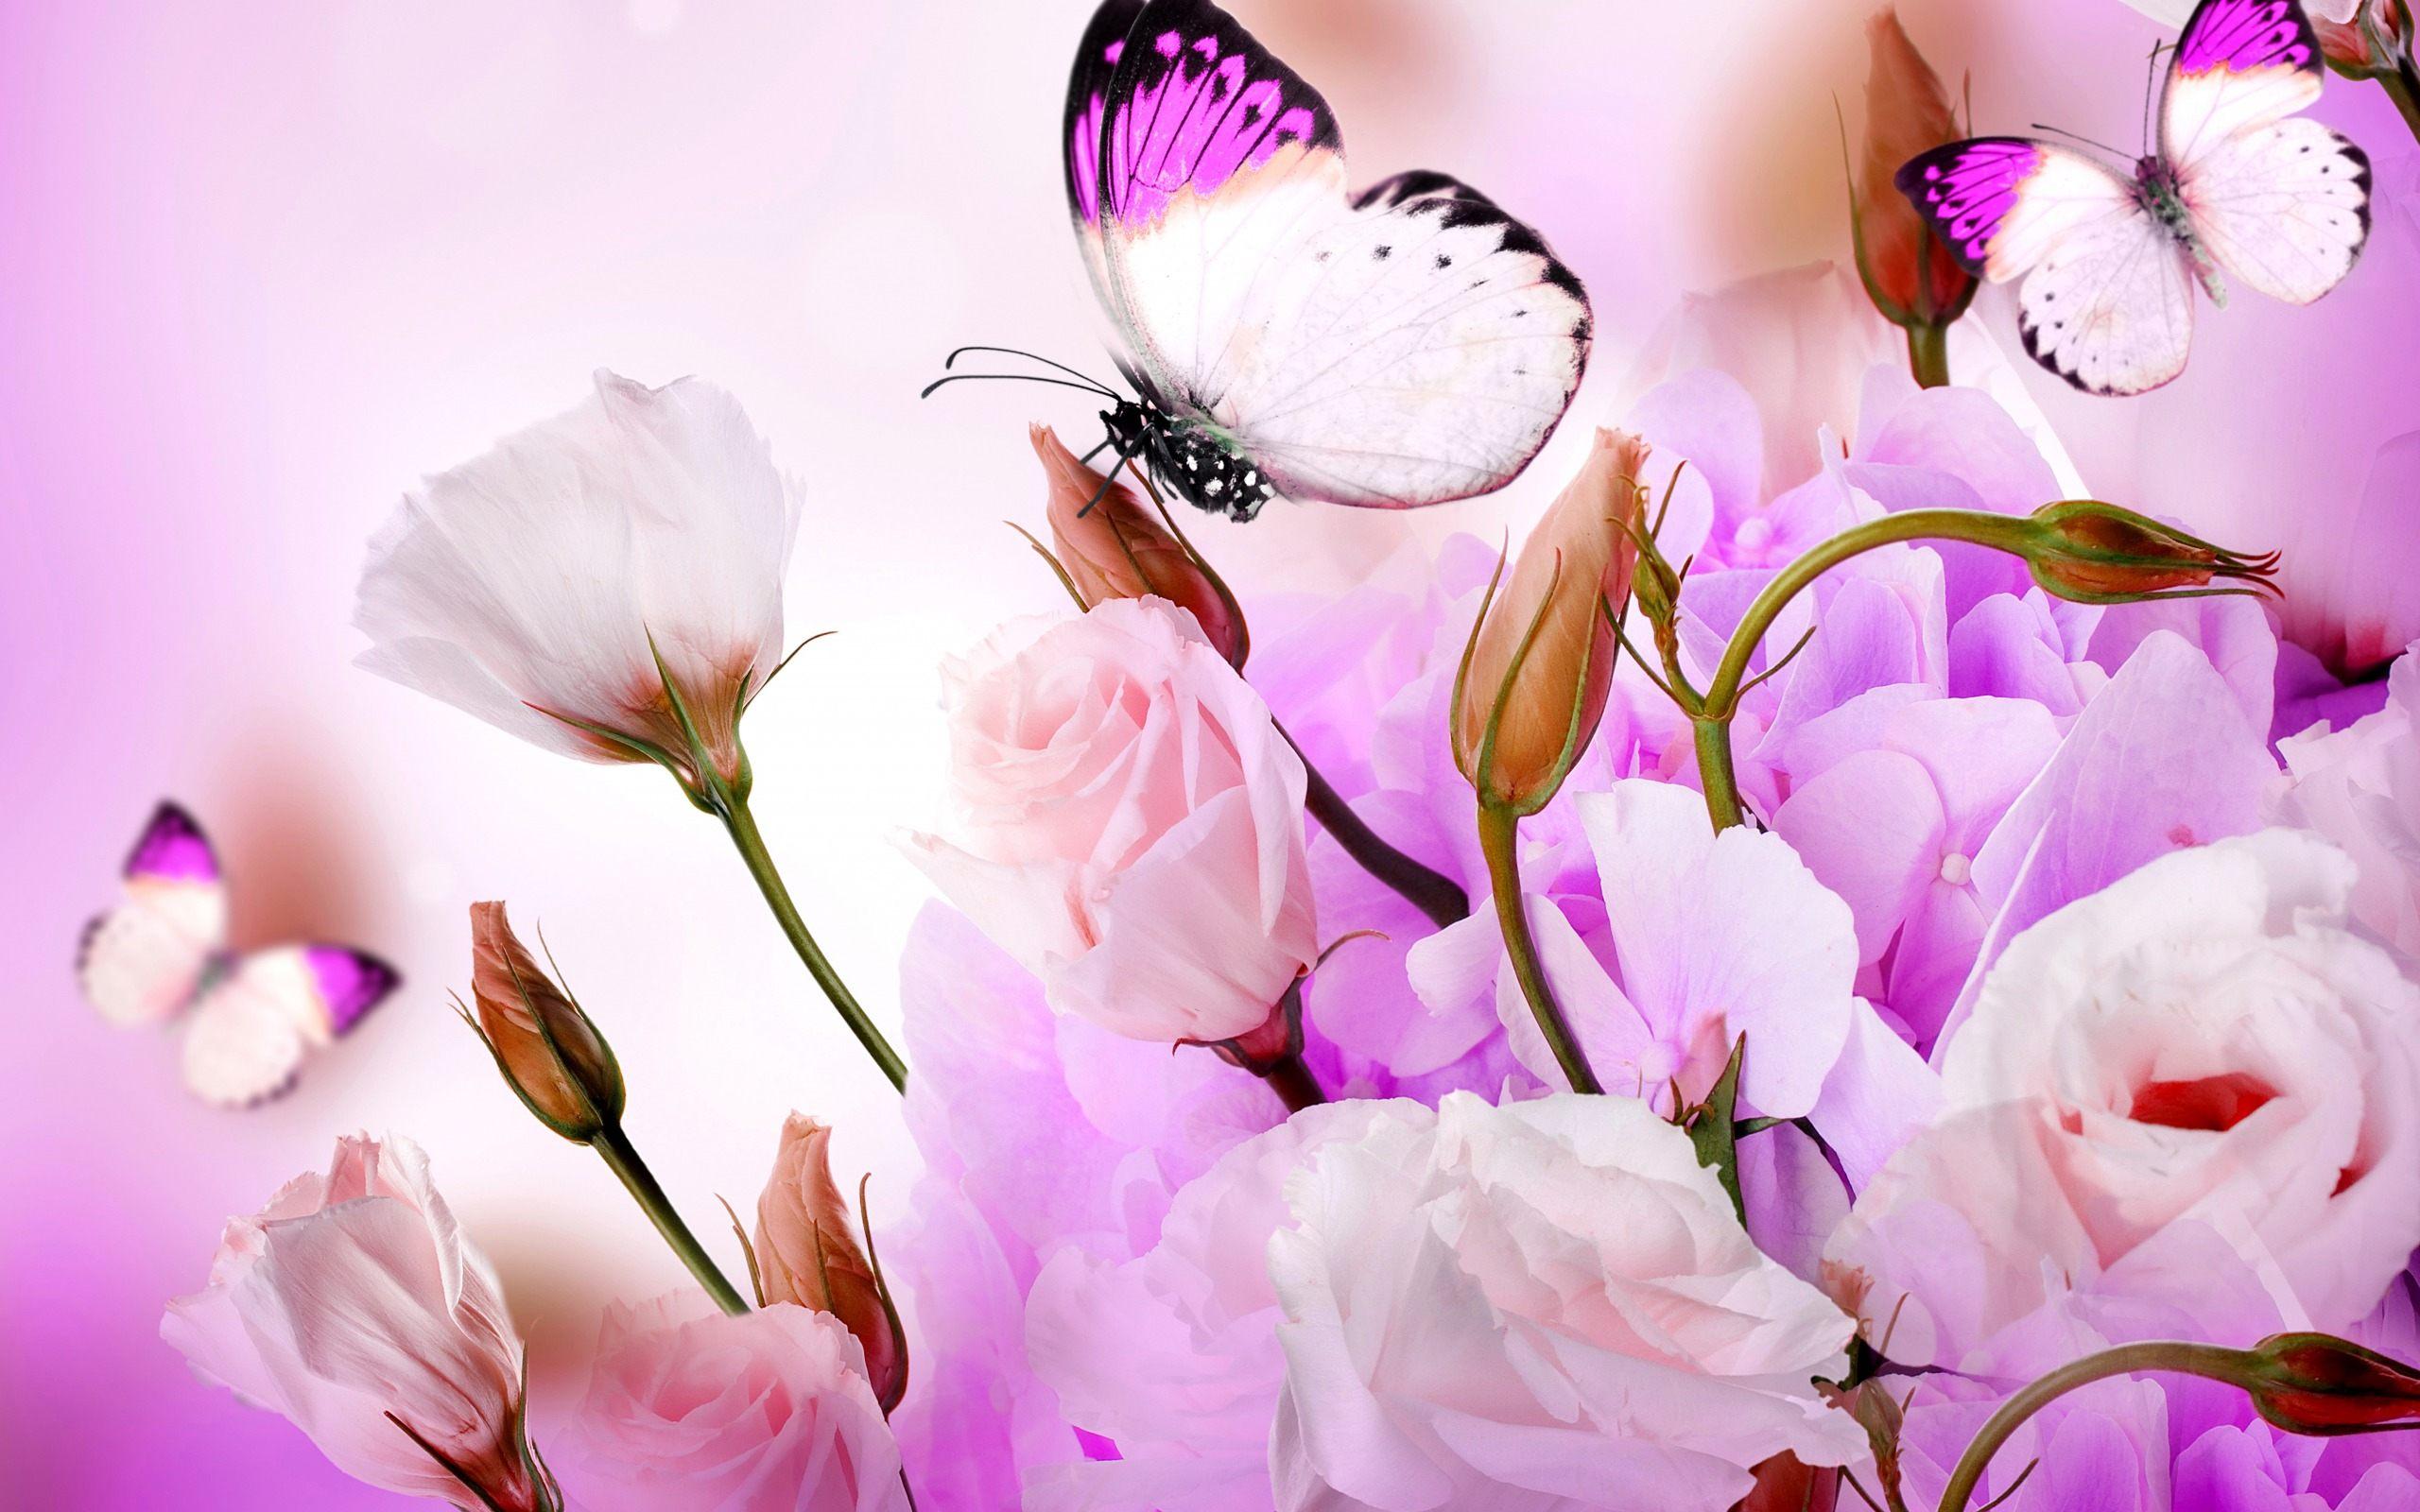 Flowers and butterflies wallpaper   SF Wallpaper 2560x1600